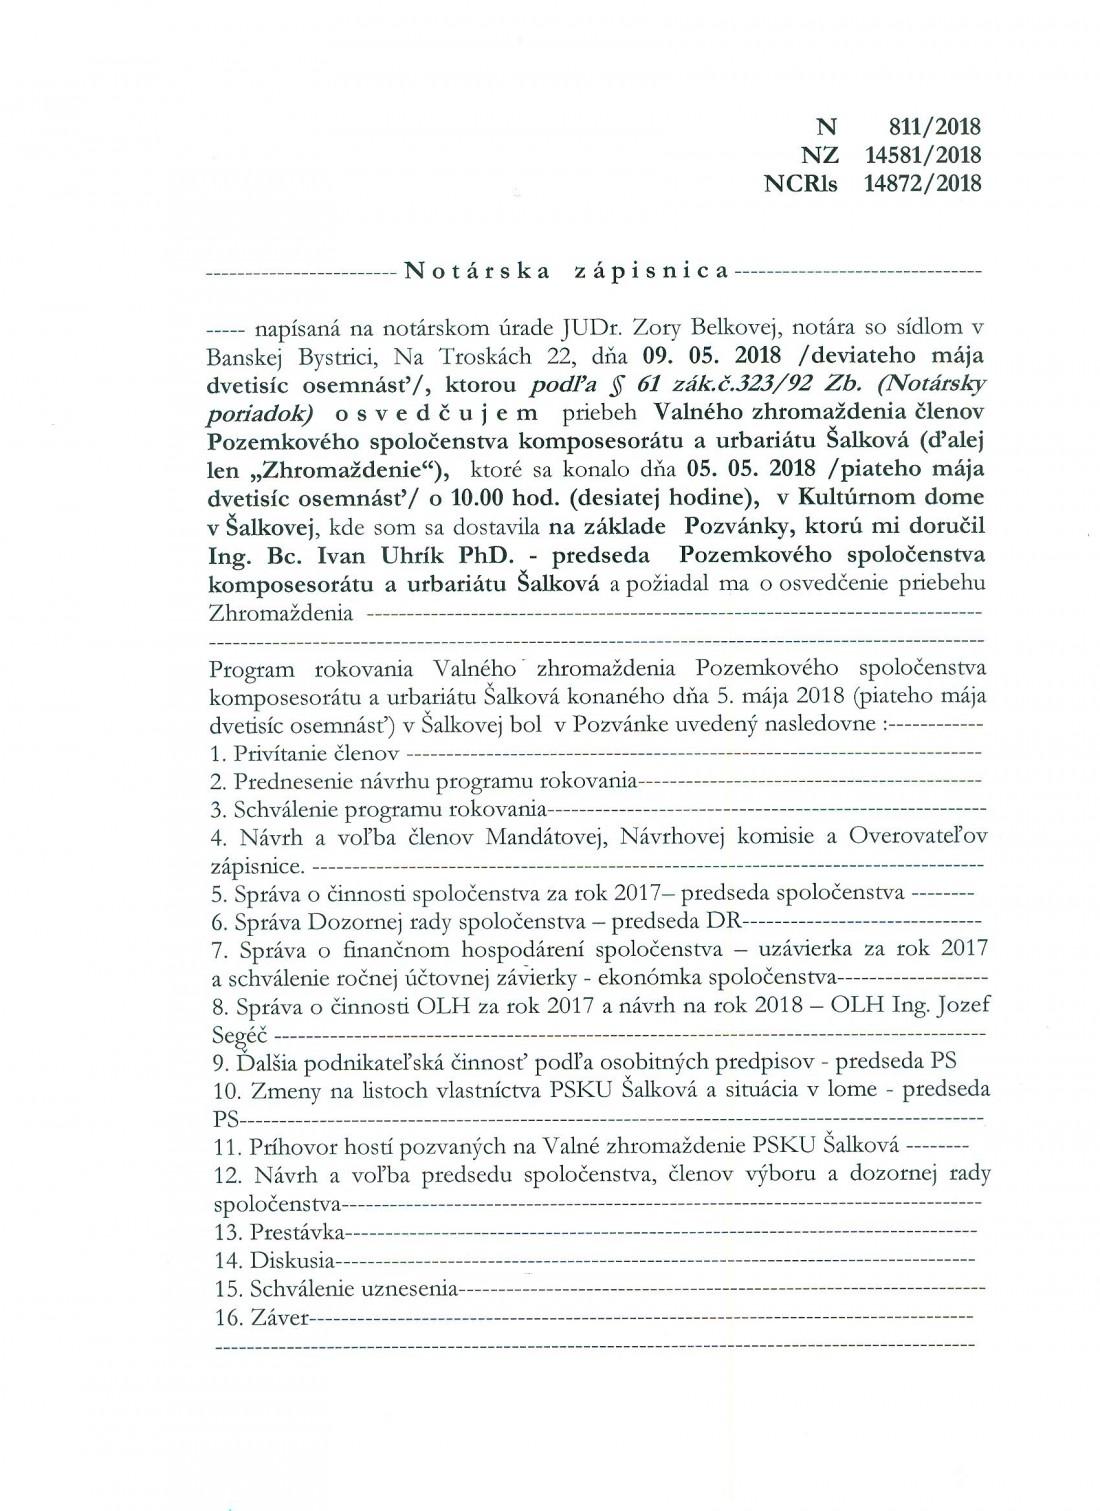 notarska zapisnica N811-2018_Page_1